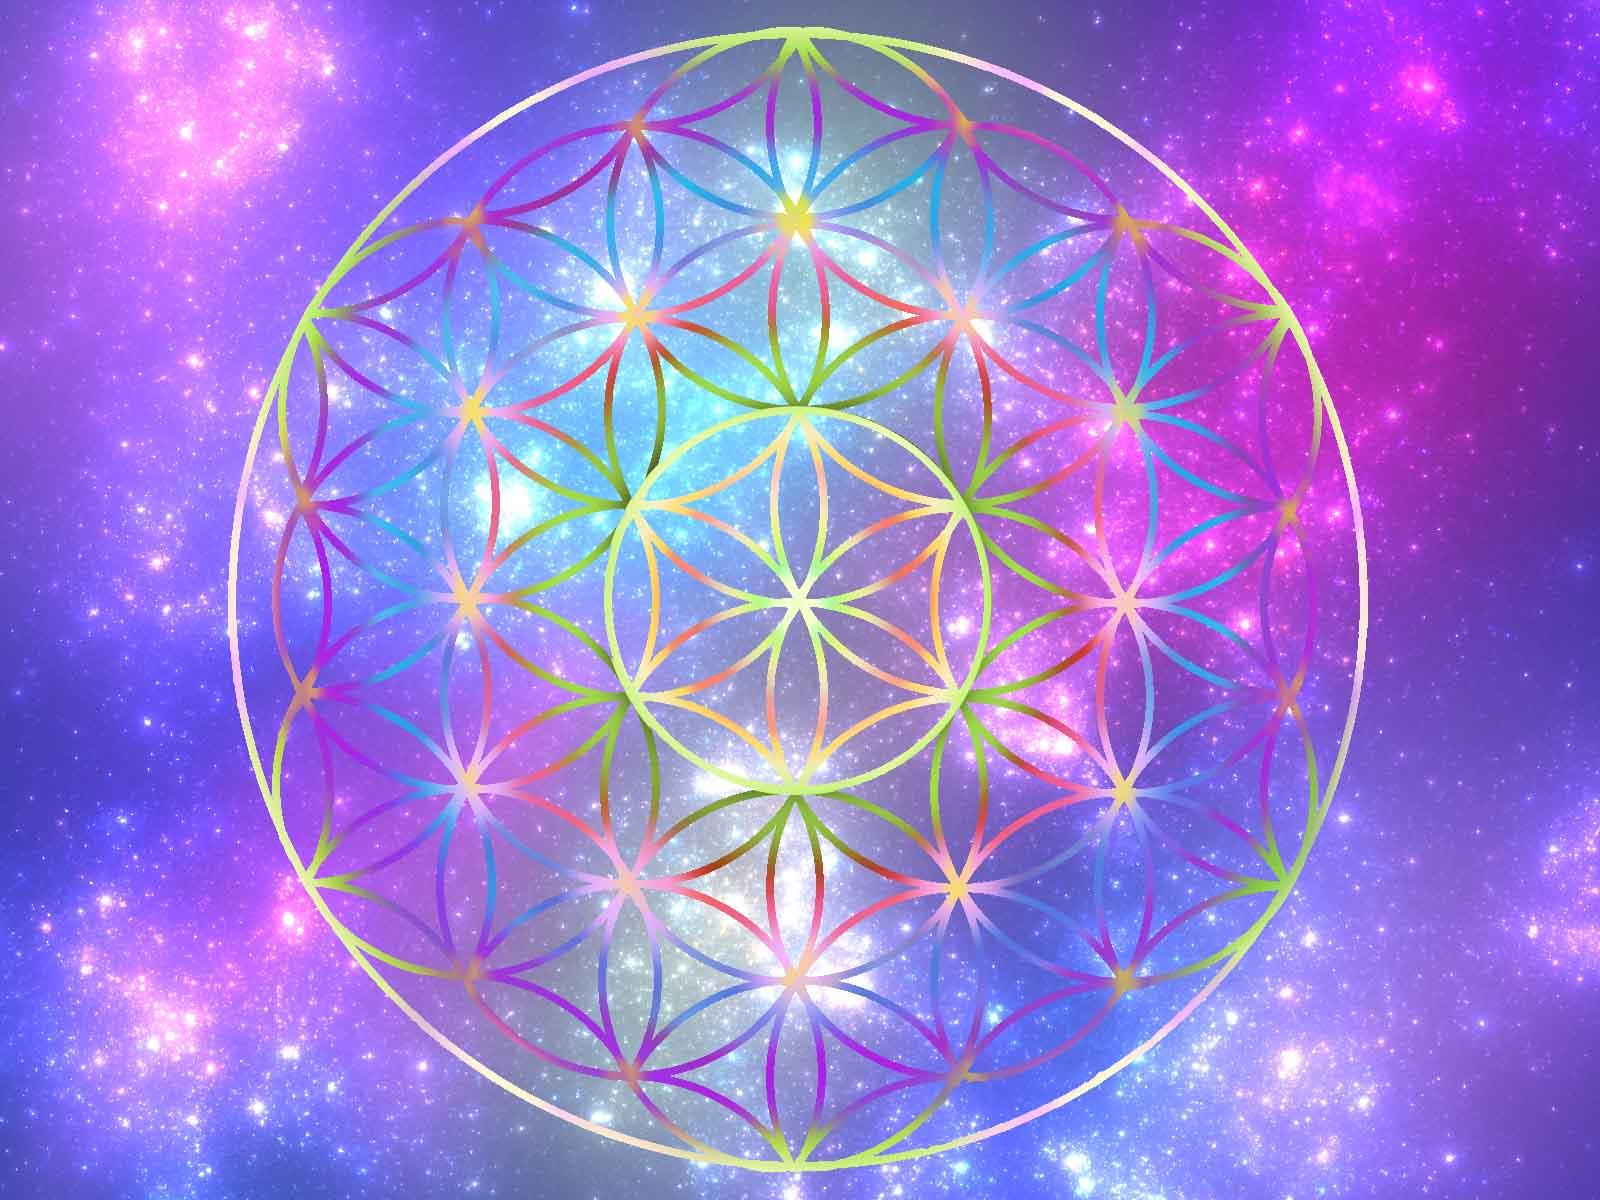 聖幾何学模様の波動でれっつ瞑想 Cilf